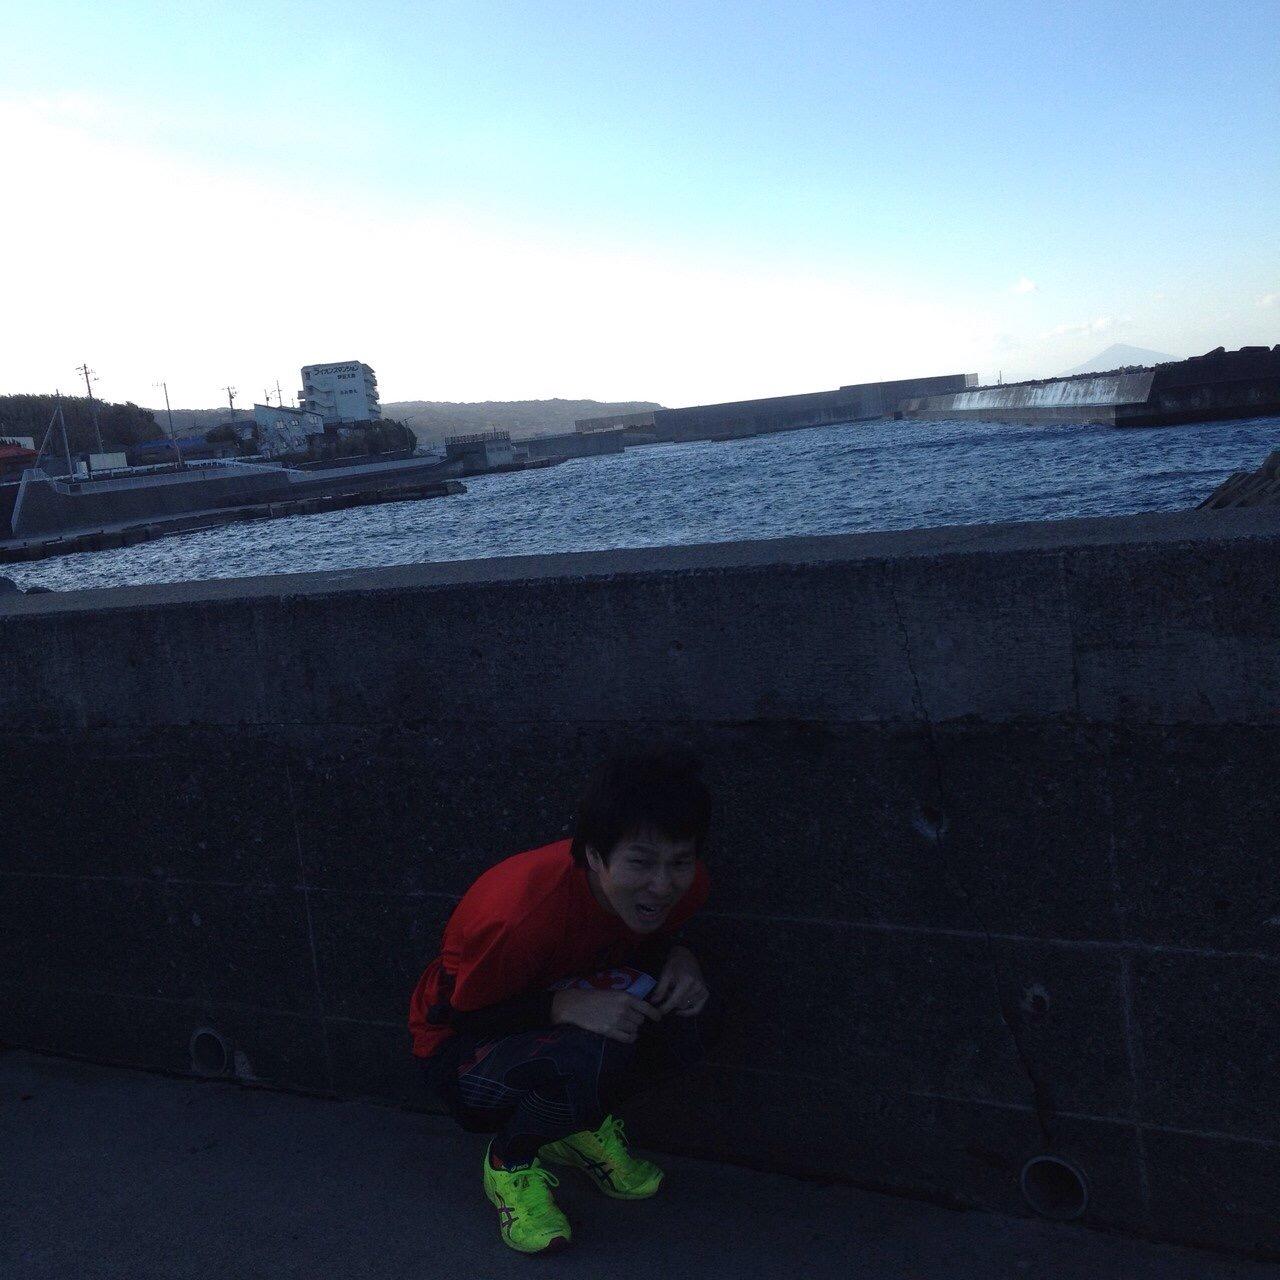 第4回伊豆大島マラソン!腸脛靭帯炎の再発でつらく苦しい42.195kmに。その7